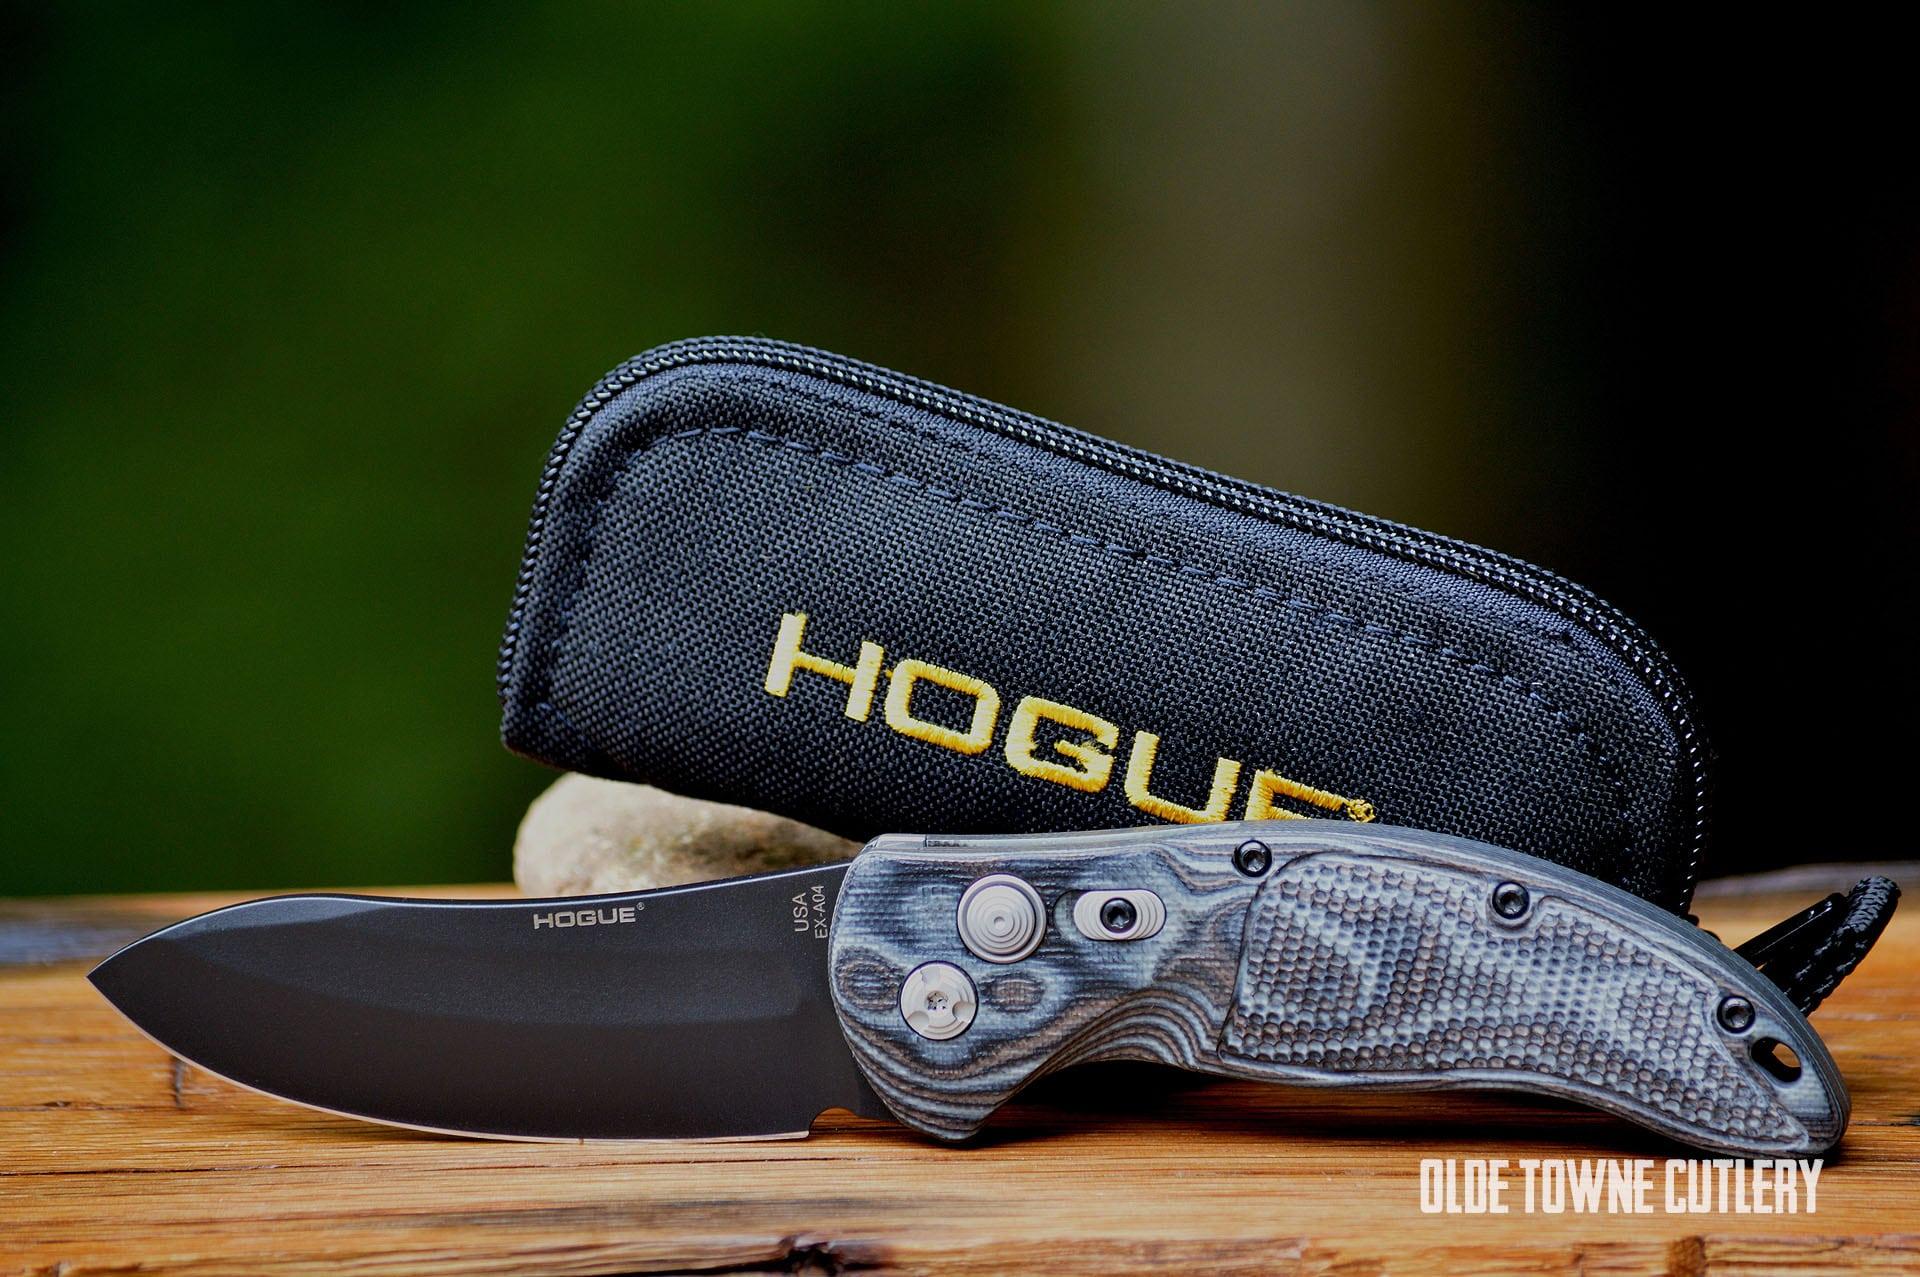 Hogue Knives 34439 EX-A04 G10 G-Mascus Black/Grey